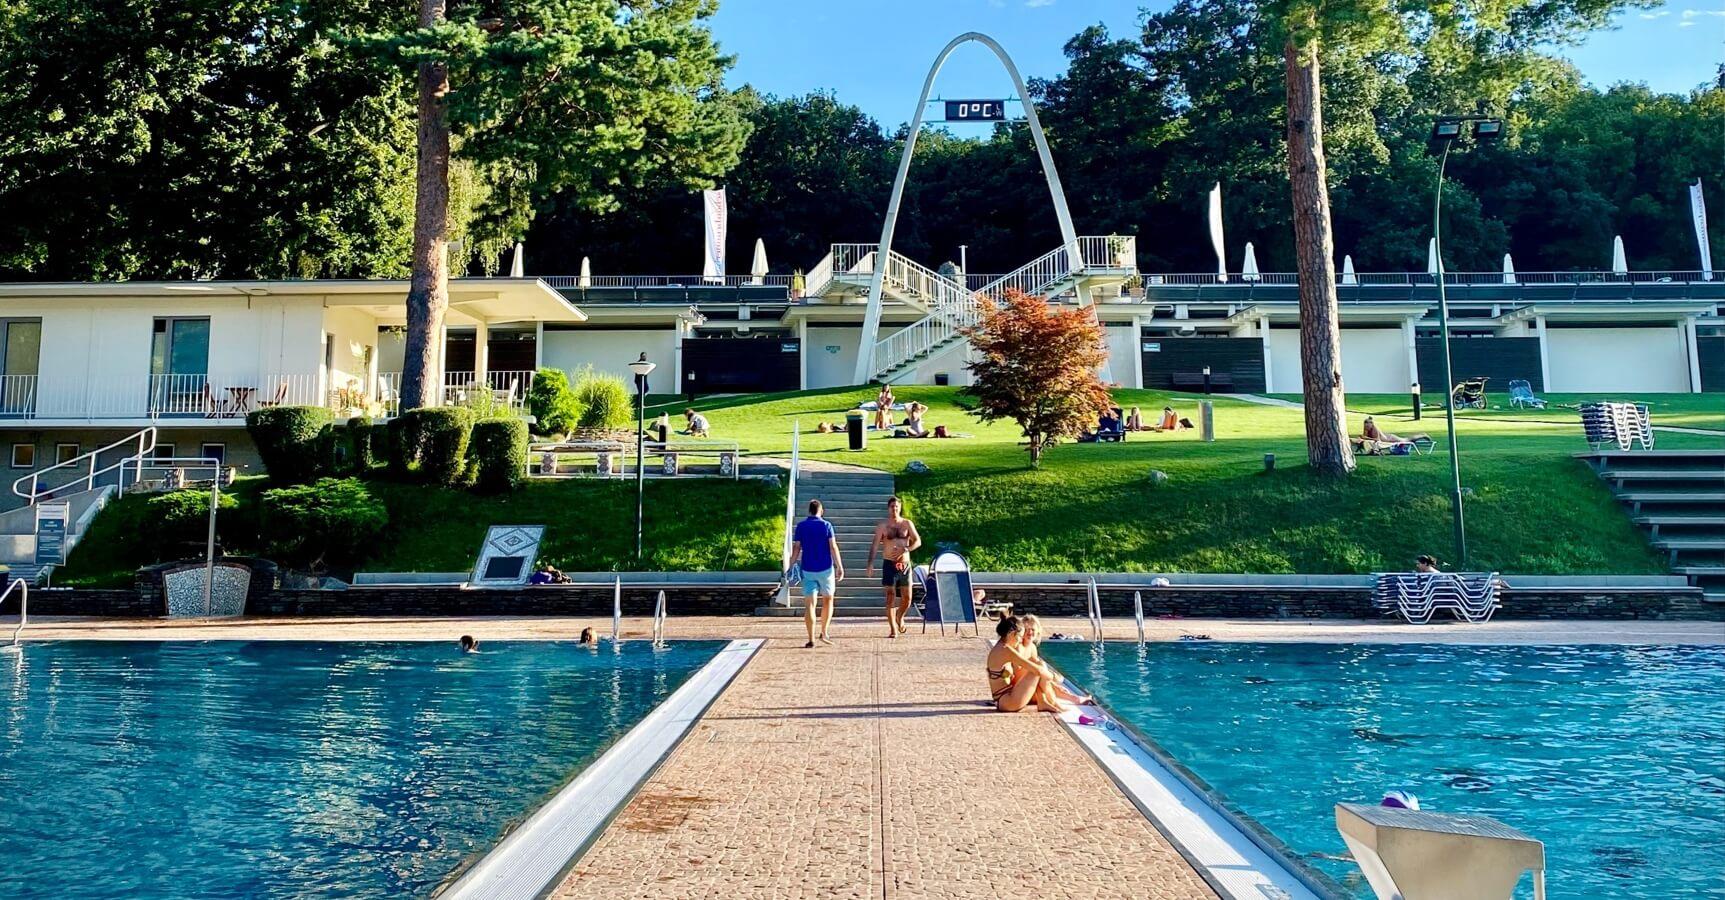 Schwimmbad mit zwei Schwimmbecken sowie Grünflächen.